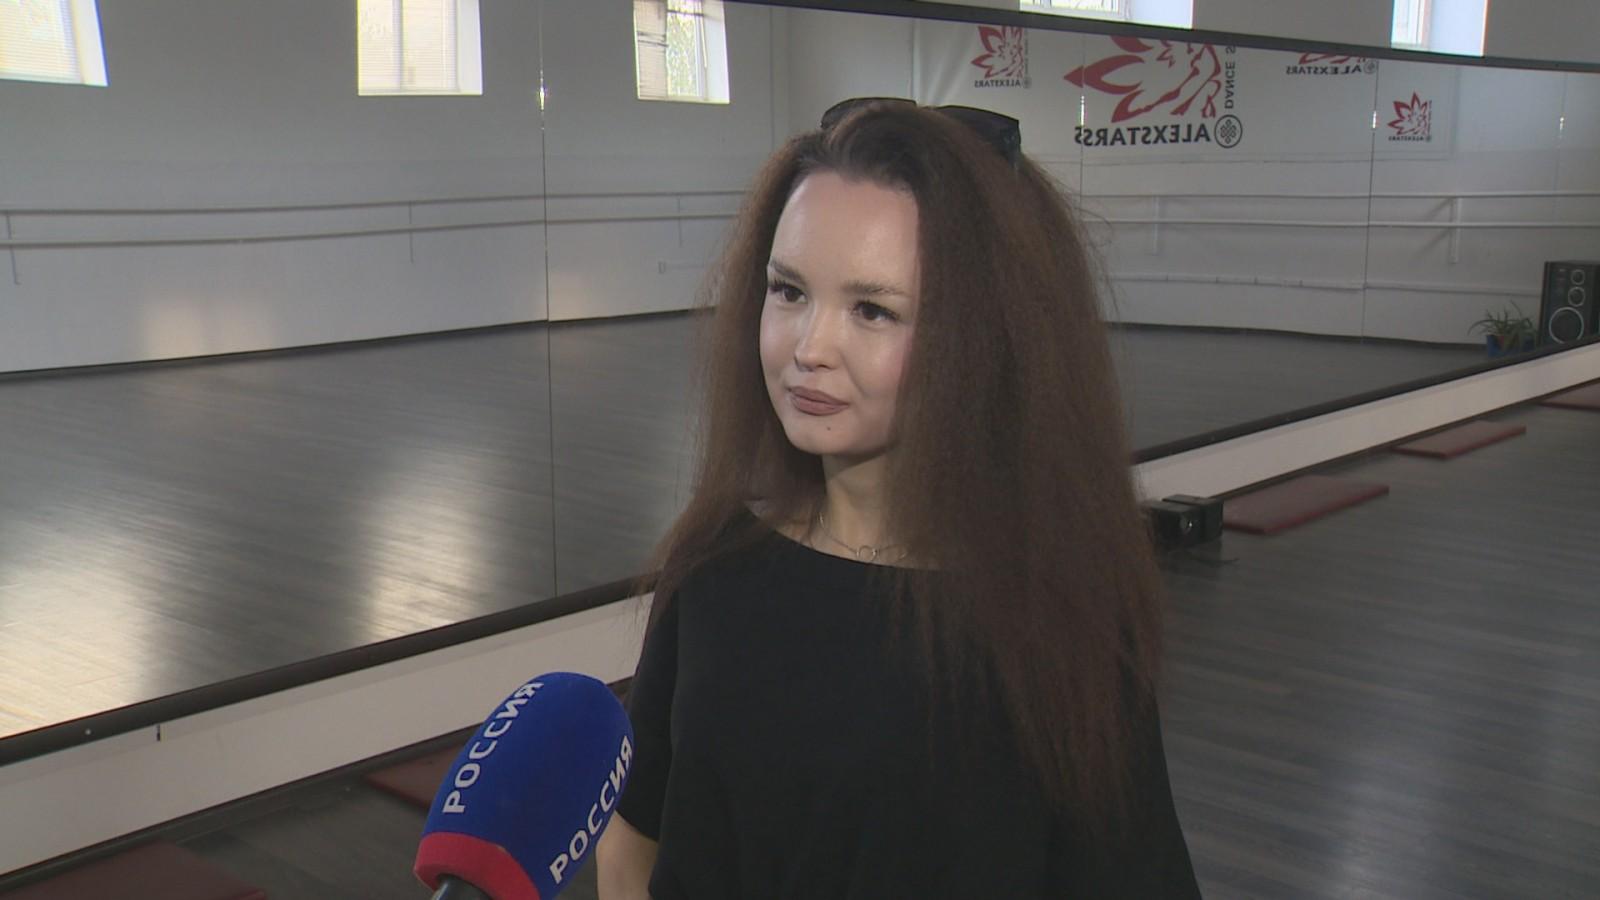 Калмыцкие танцоры вернулись с золотом после участия во всероссийском конкурсе